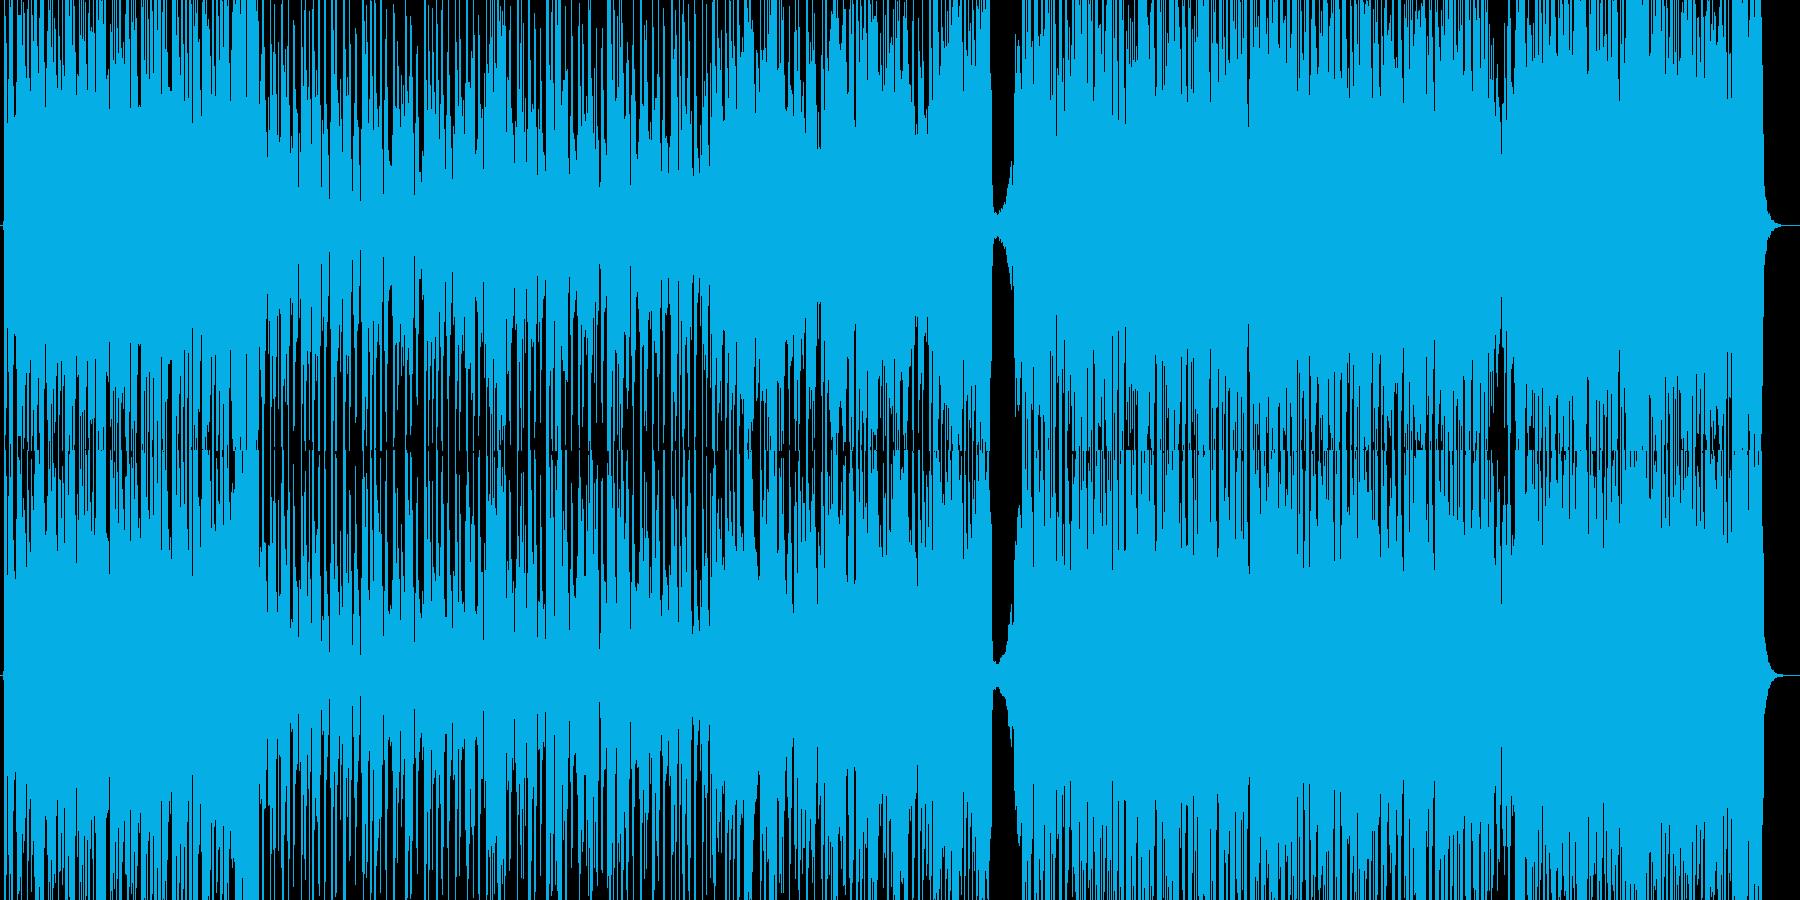 疾走感溢れる爽やかなロックの再生済みの波形